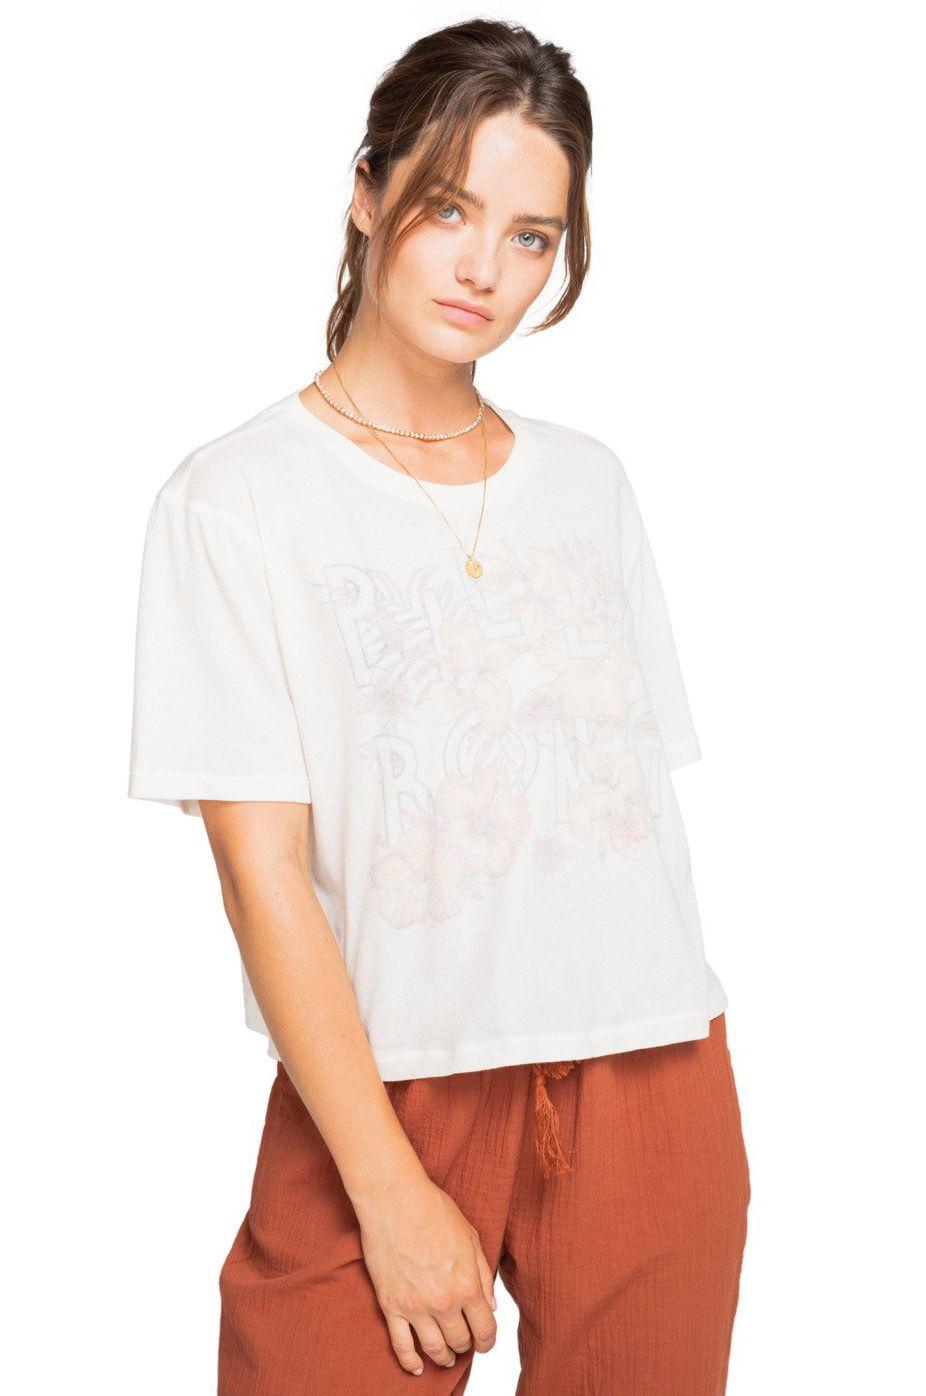 T-Shirt Billabong SPRING FELLOW FOLLOW THE SUN Salt Crystal